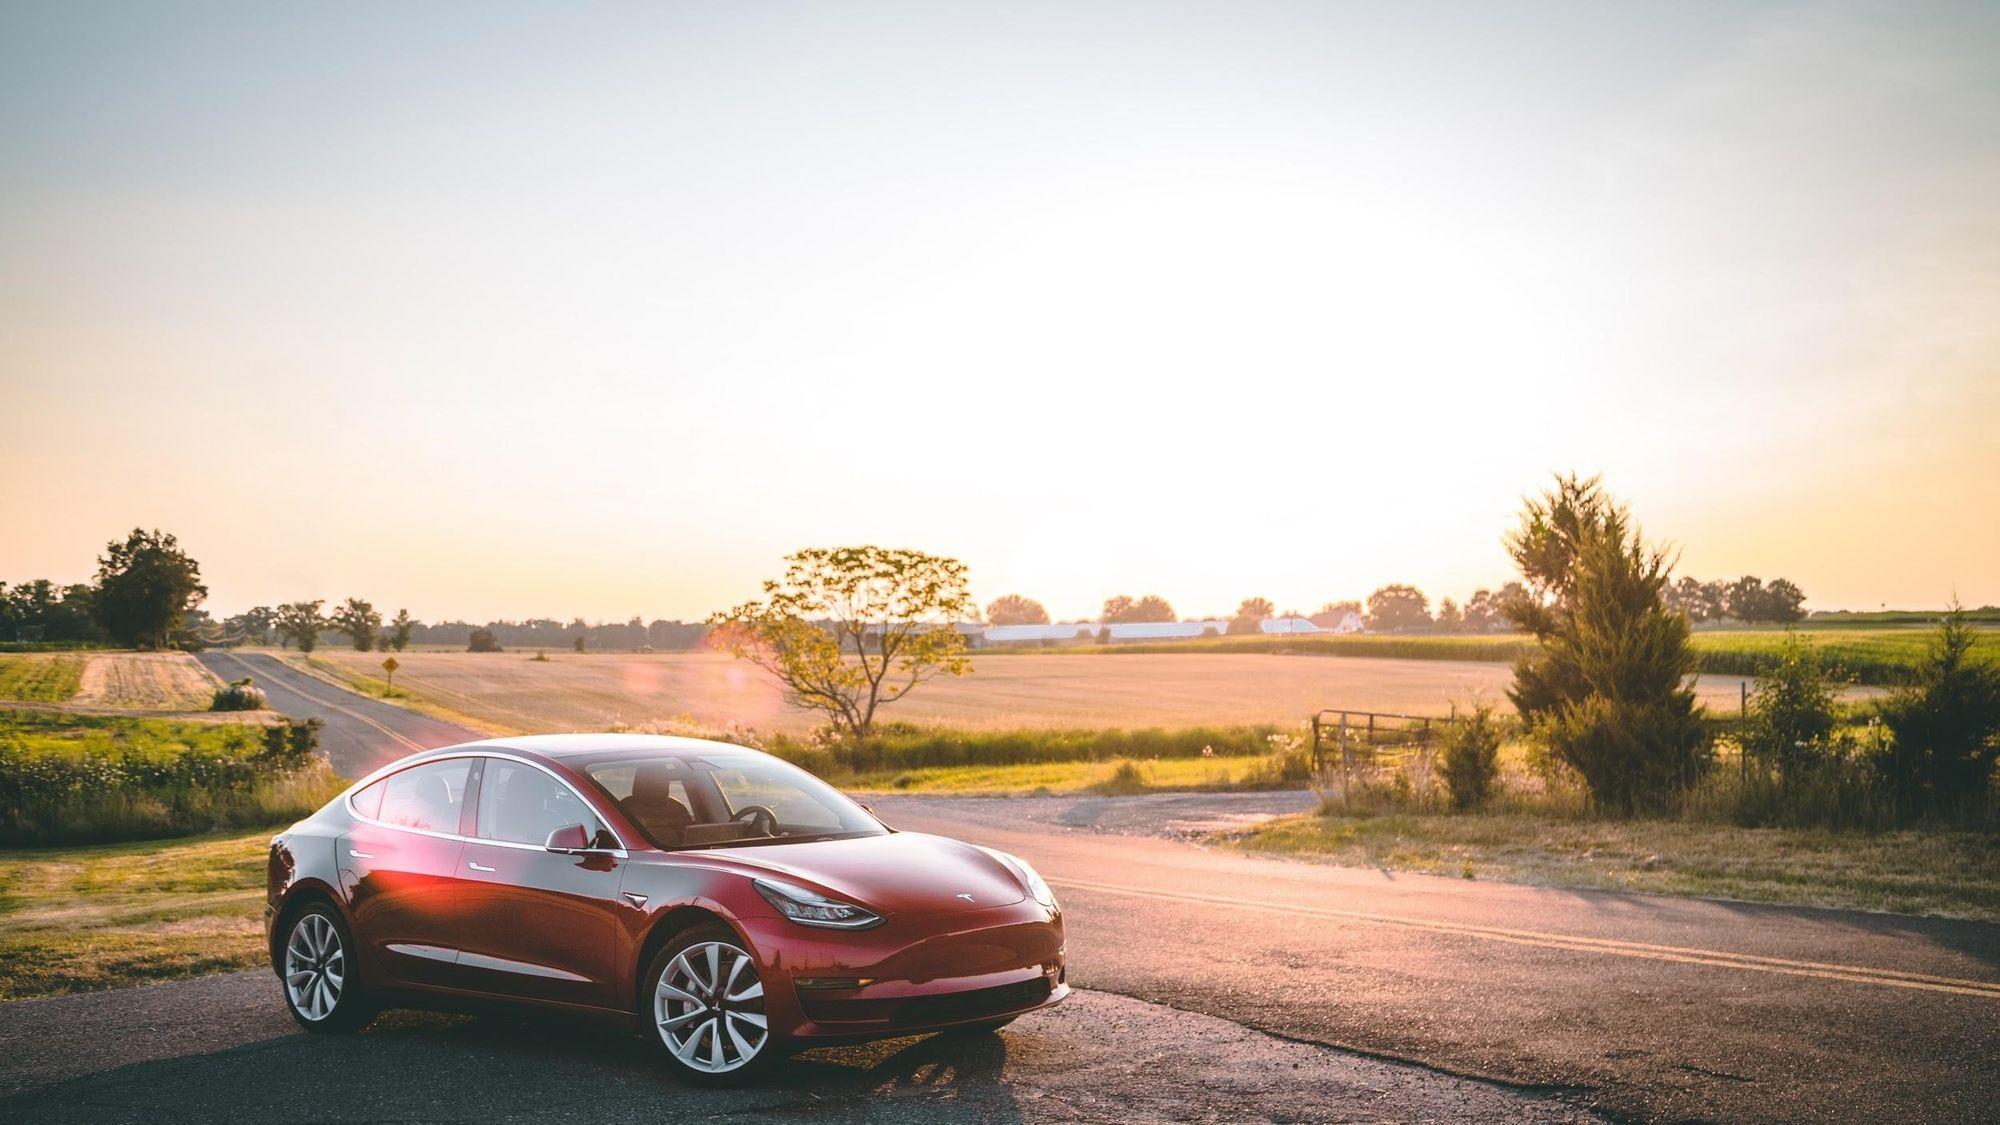 κόκκινο παρκαρισμένο Tesla στην άκρη του δρόμου